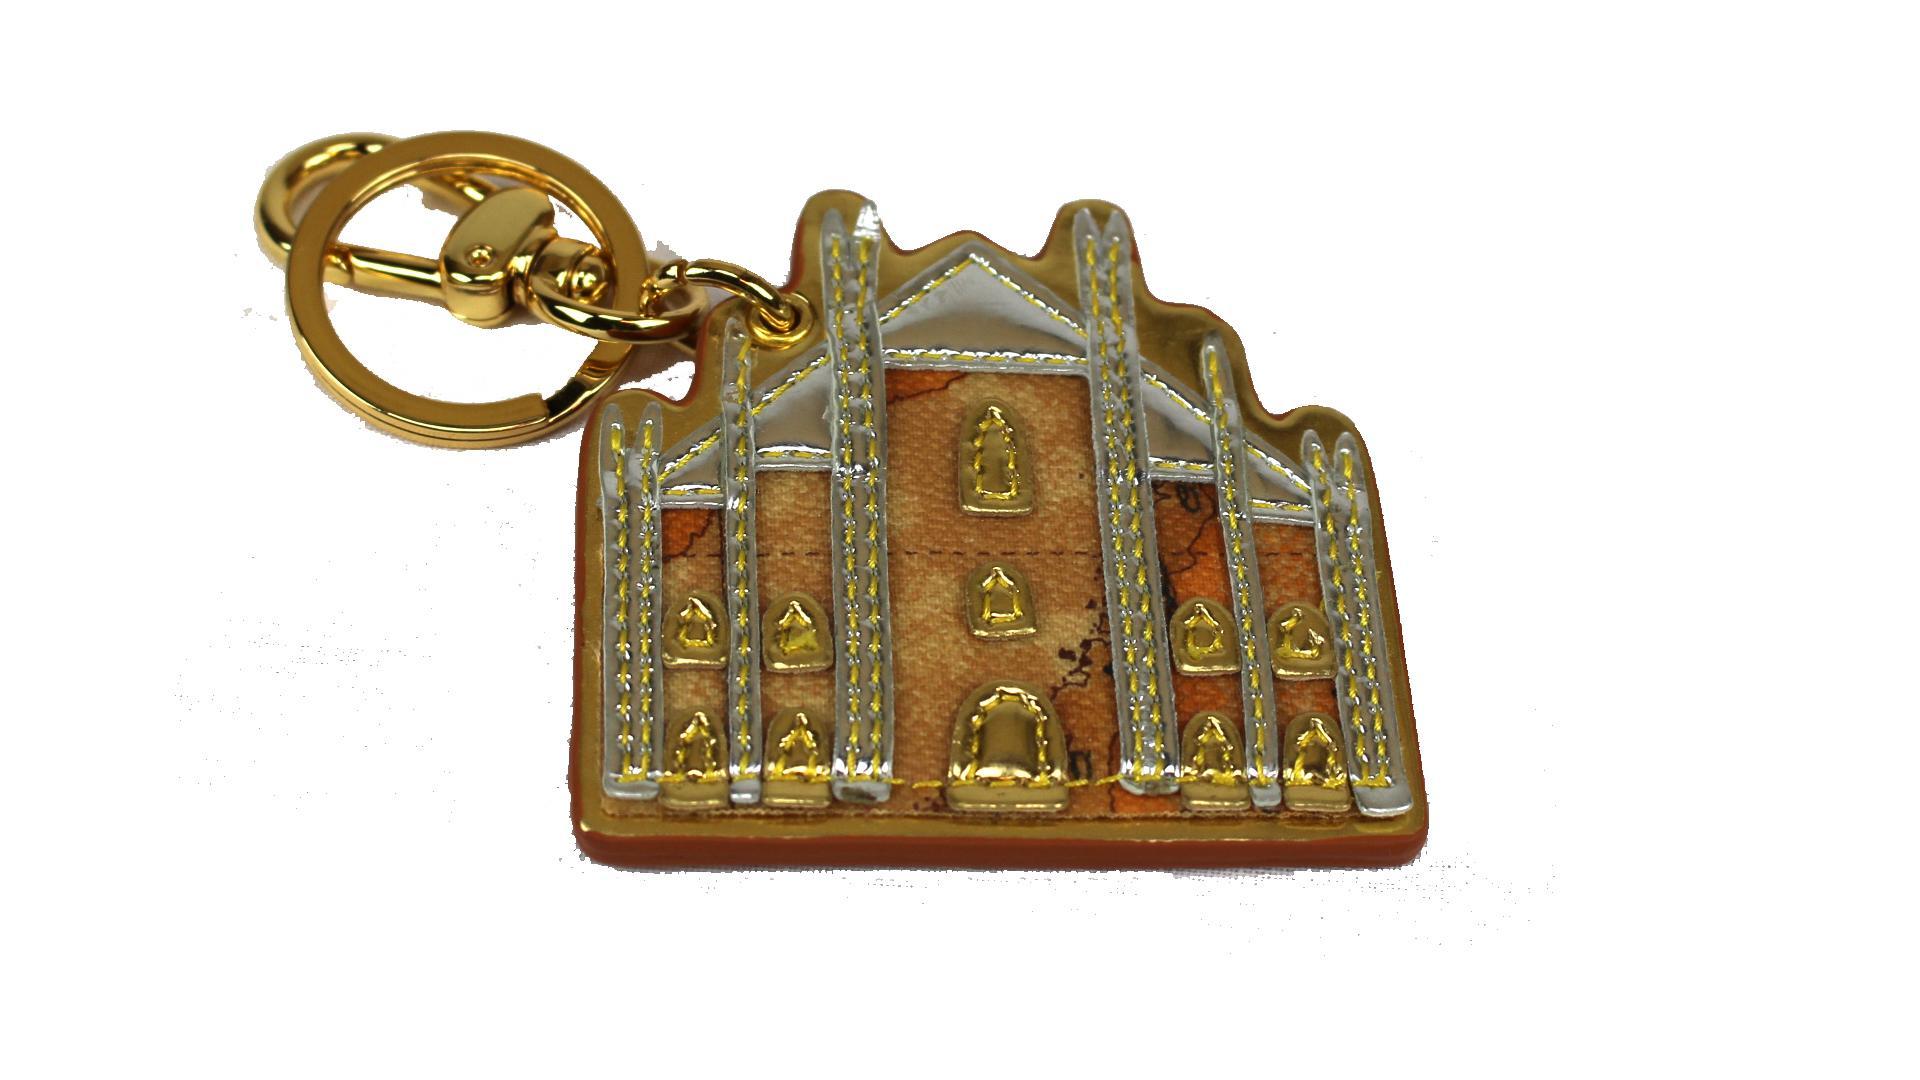 Porta chiavi alviero martini 1a classe p993 9000 010 classico - Porta agenda alviero martini ...